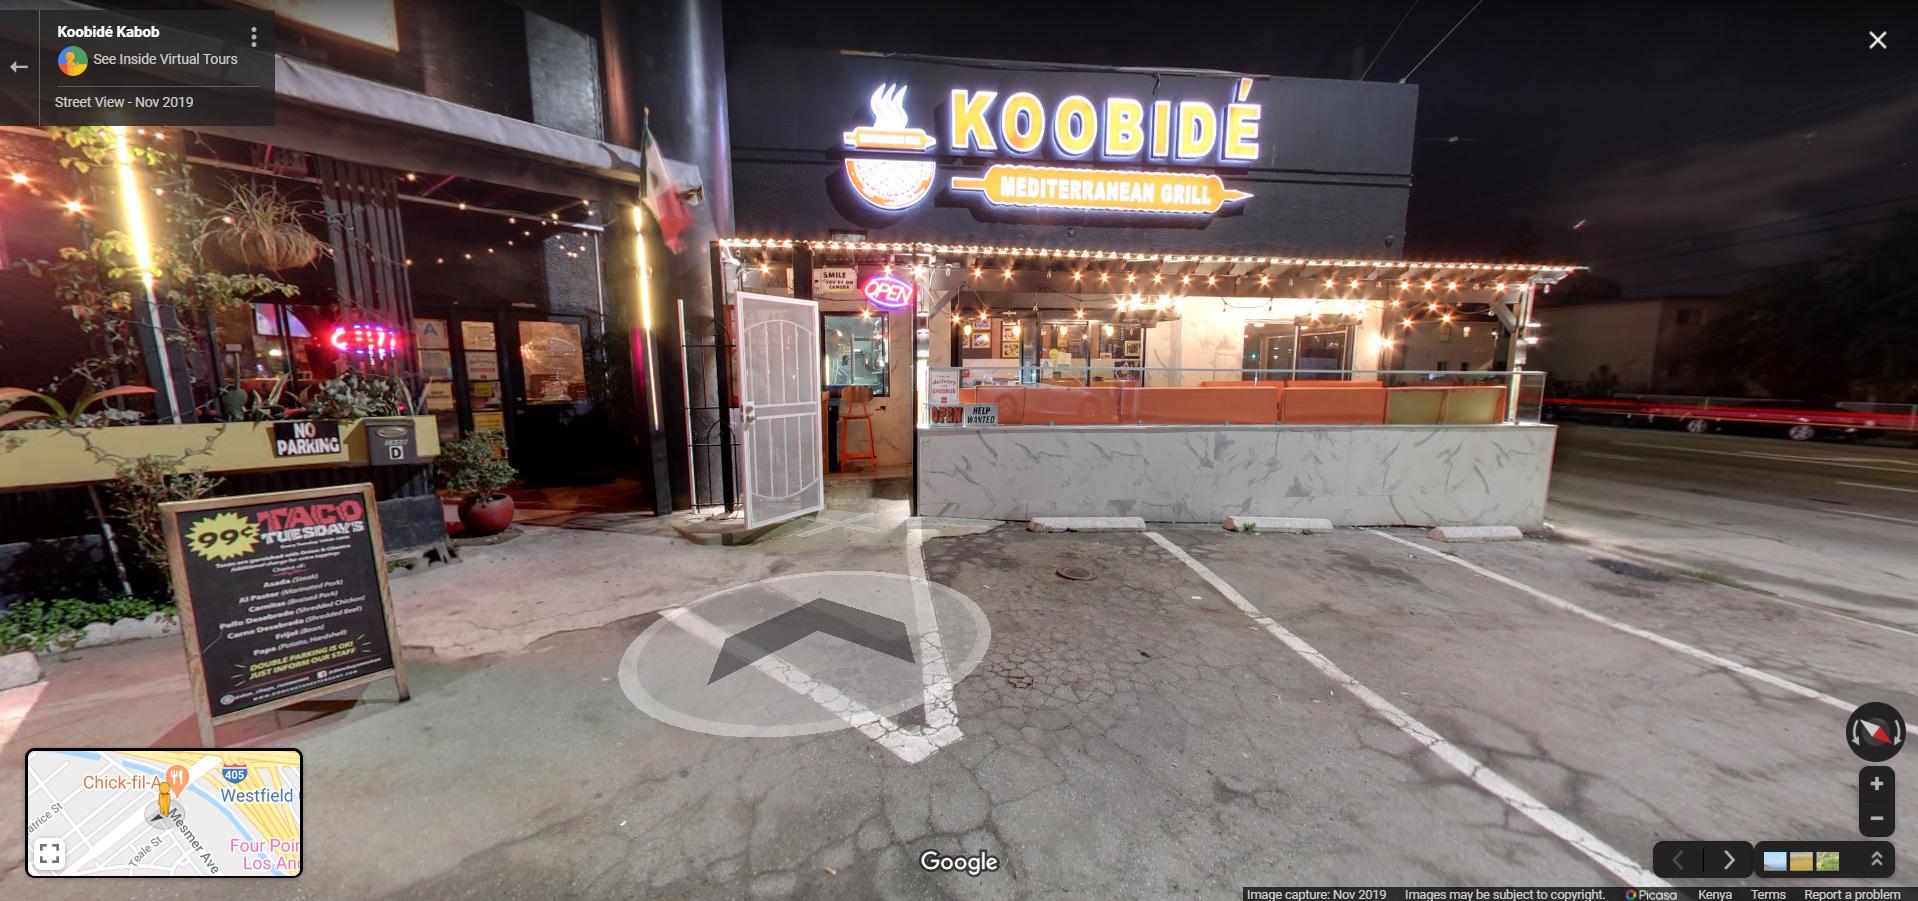 Koobidé Kabob  Los Angeles